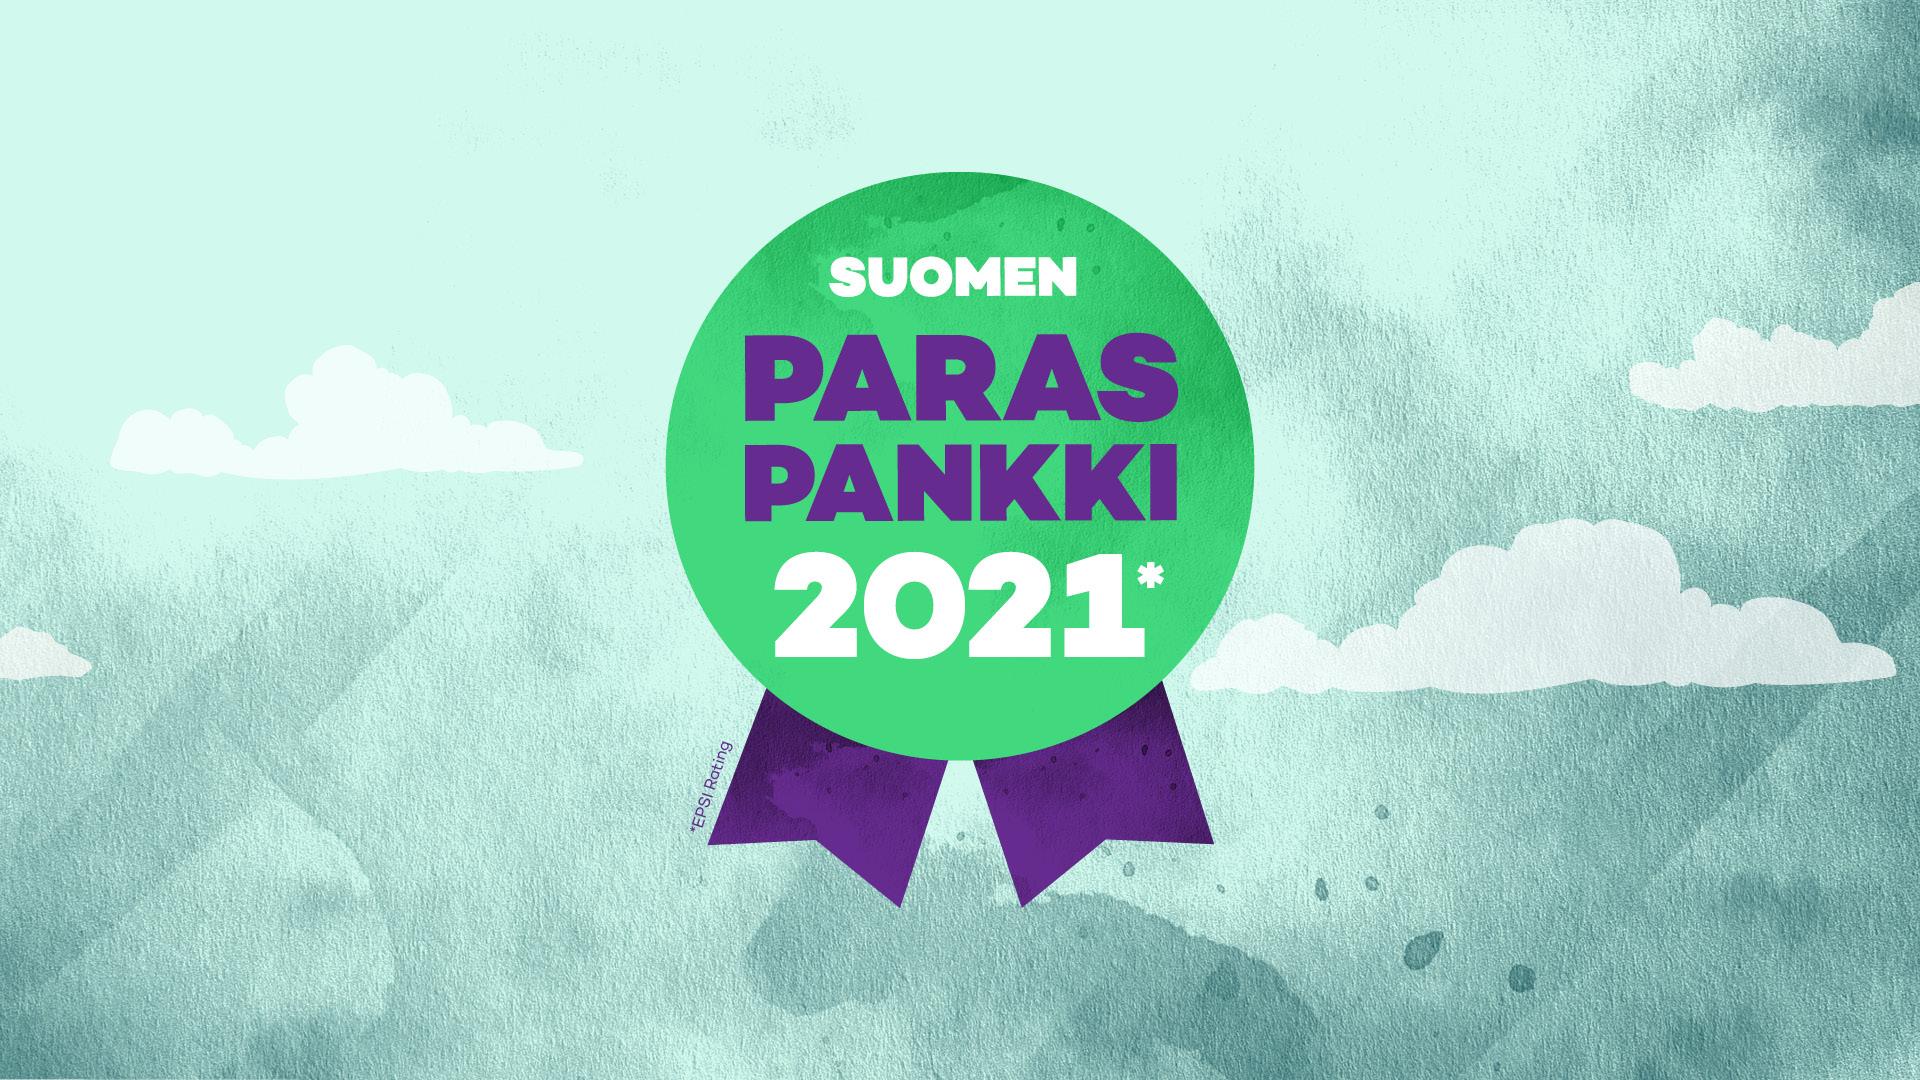 Suomen paras pankki 2021* Epsi Rating -tutkimus